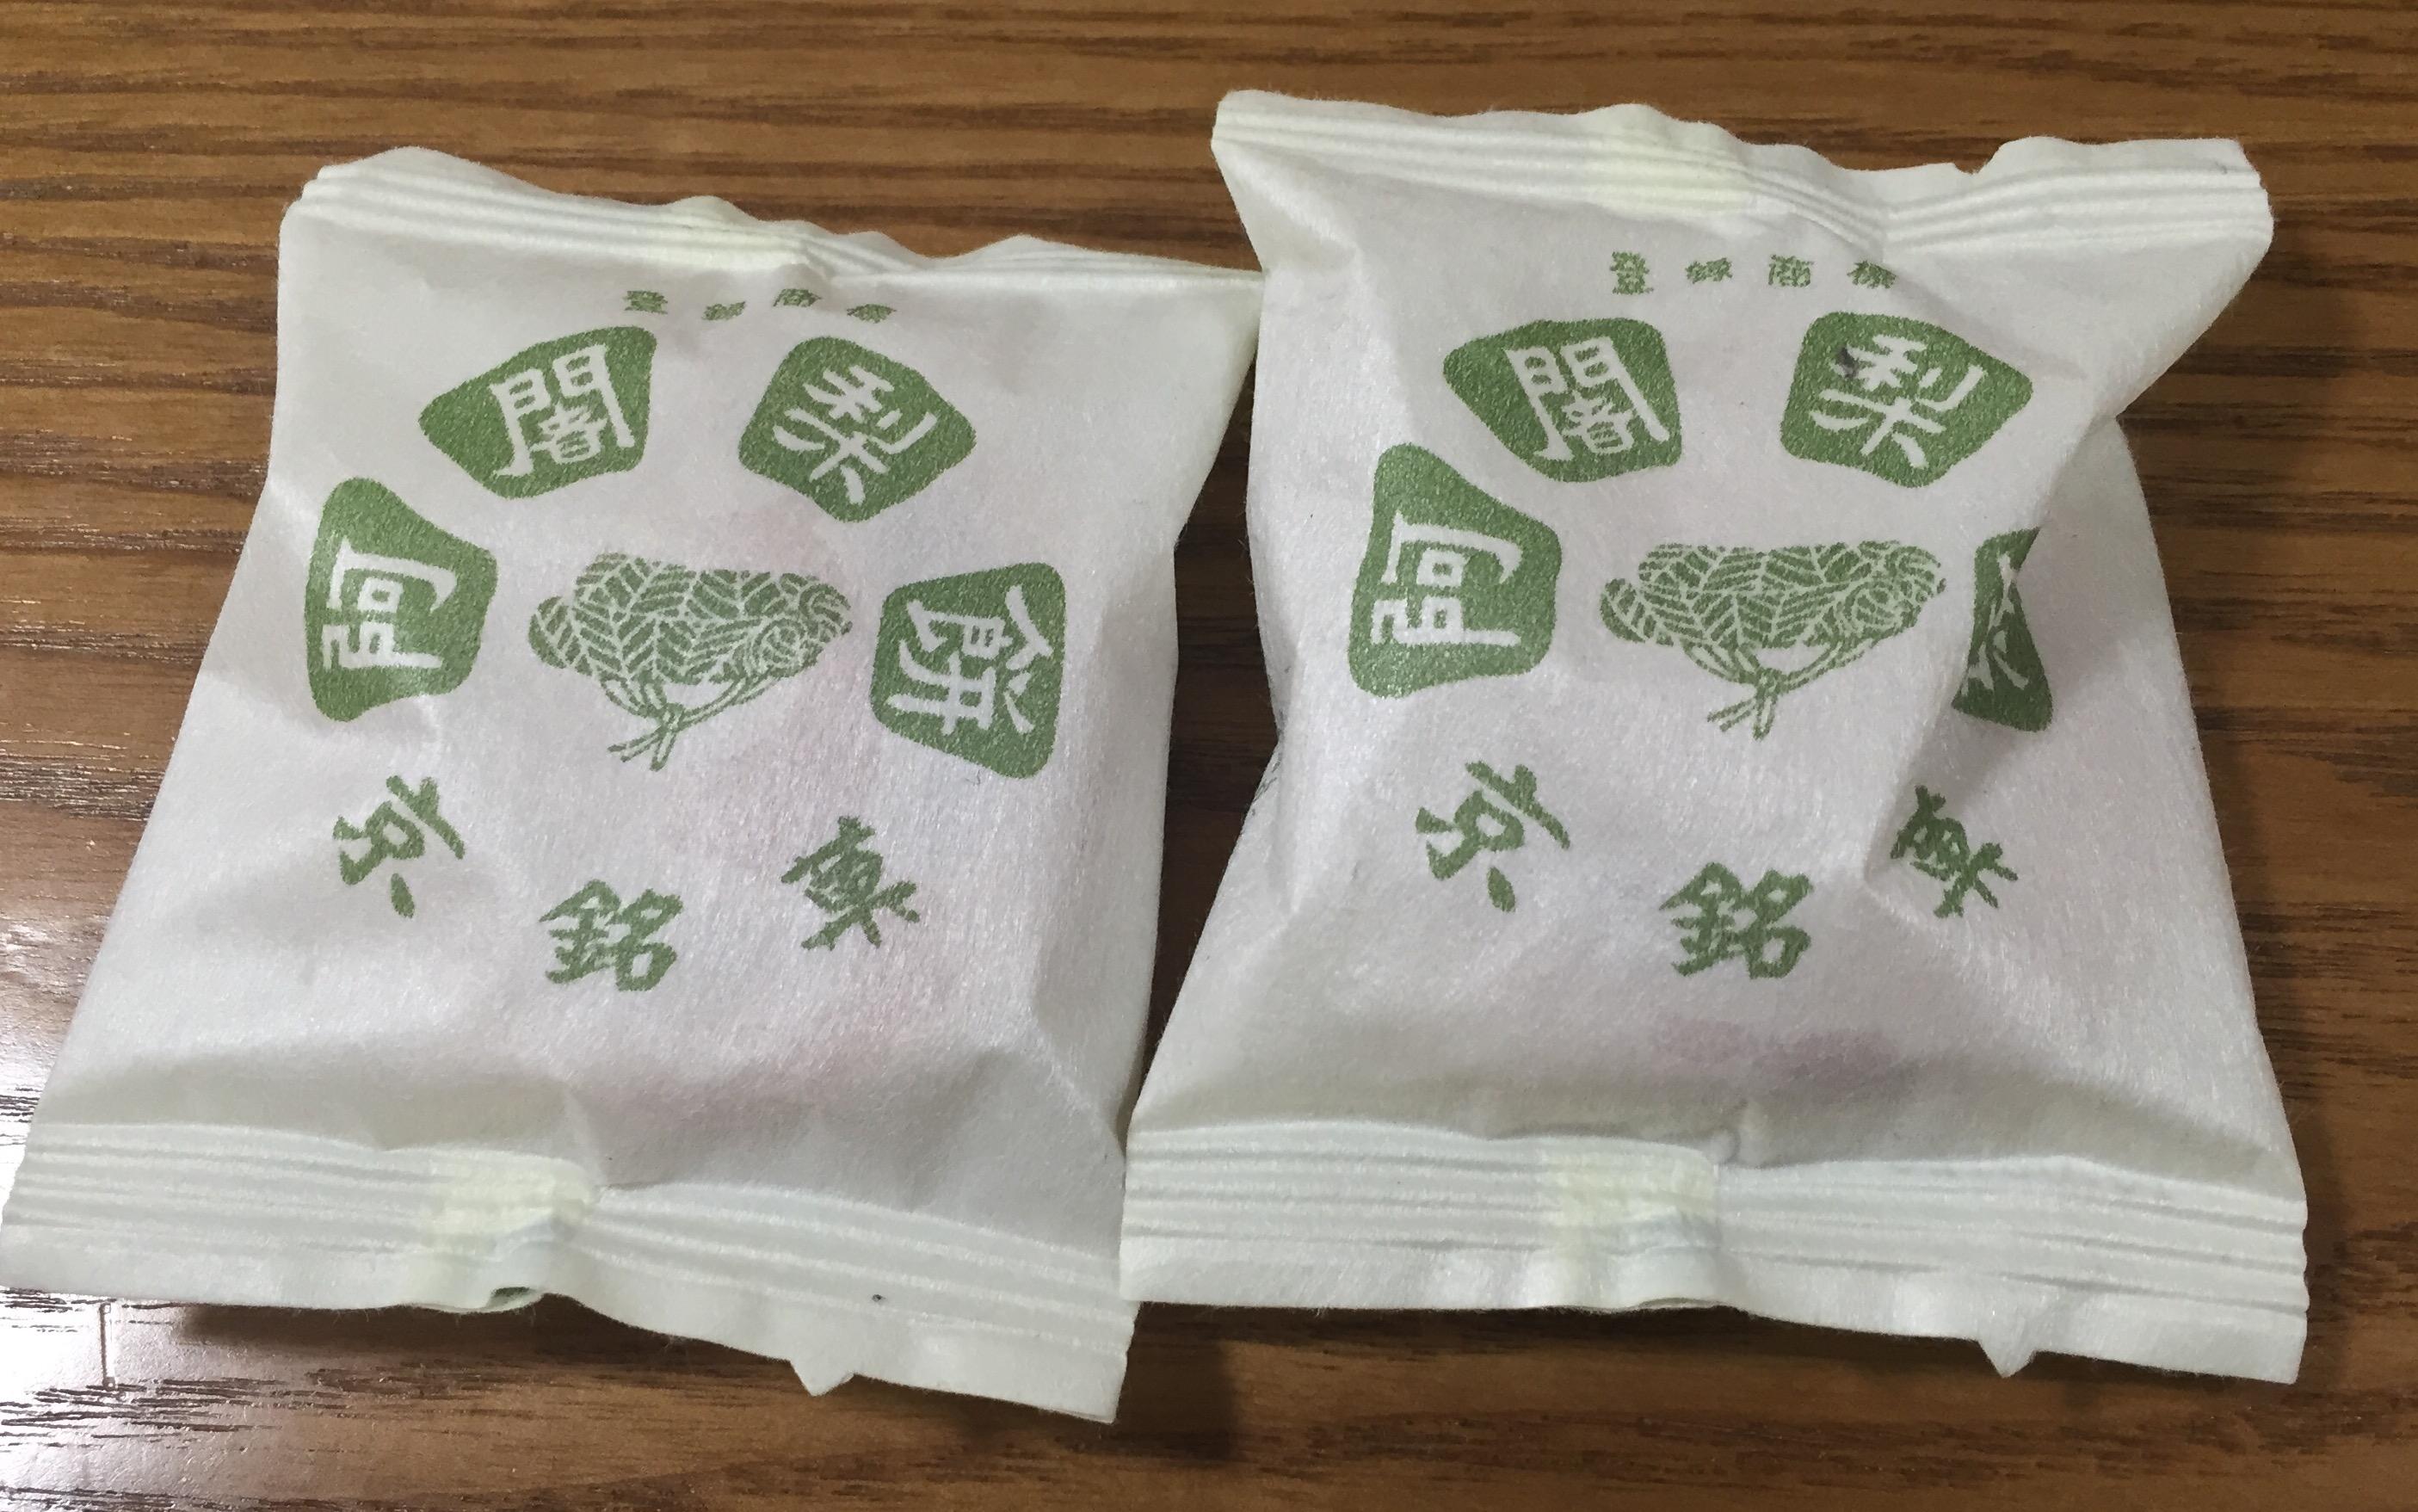 【出張土産】ビジネス手土産の定番☆京都の阿闍梨餅